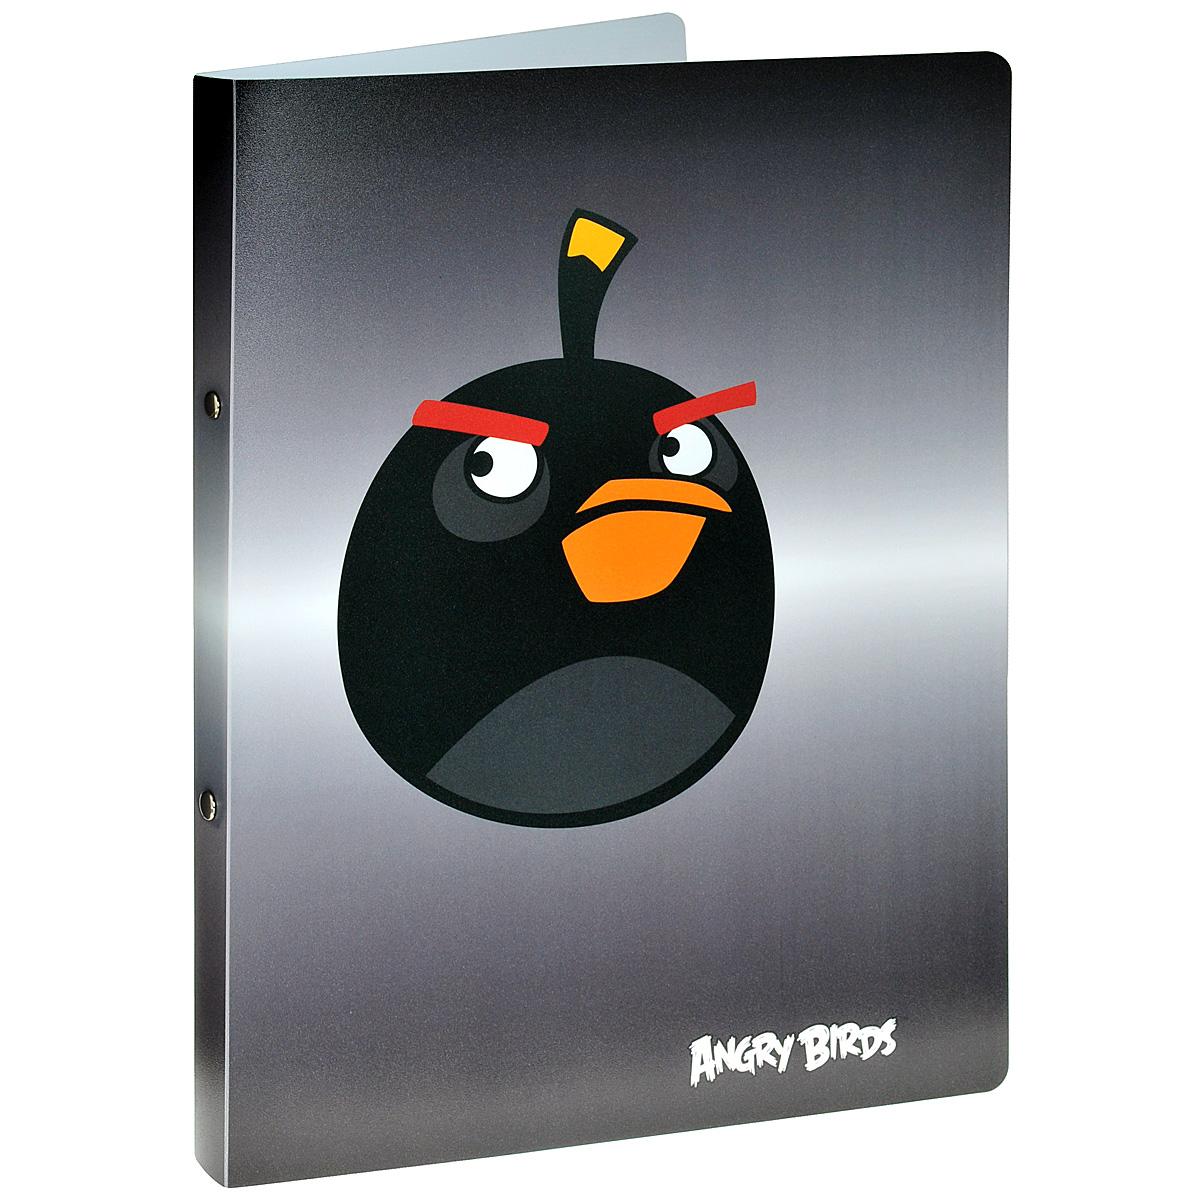 Centrum Папка на кольцах Angry Birds цвет серыйAC-1121RDПапка на кольцах Centrum Angry Birds предназначена для хранения и транспортировки бумаг или документов формата А4. Папка изготовлена из плотного пластика и оформлена изображением персонажа всеми любимой игры Angry Birds.Кольцевой механизм выполнен из высококачественной стали.